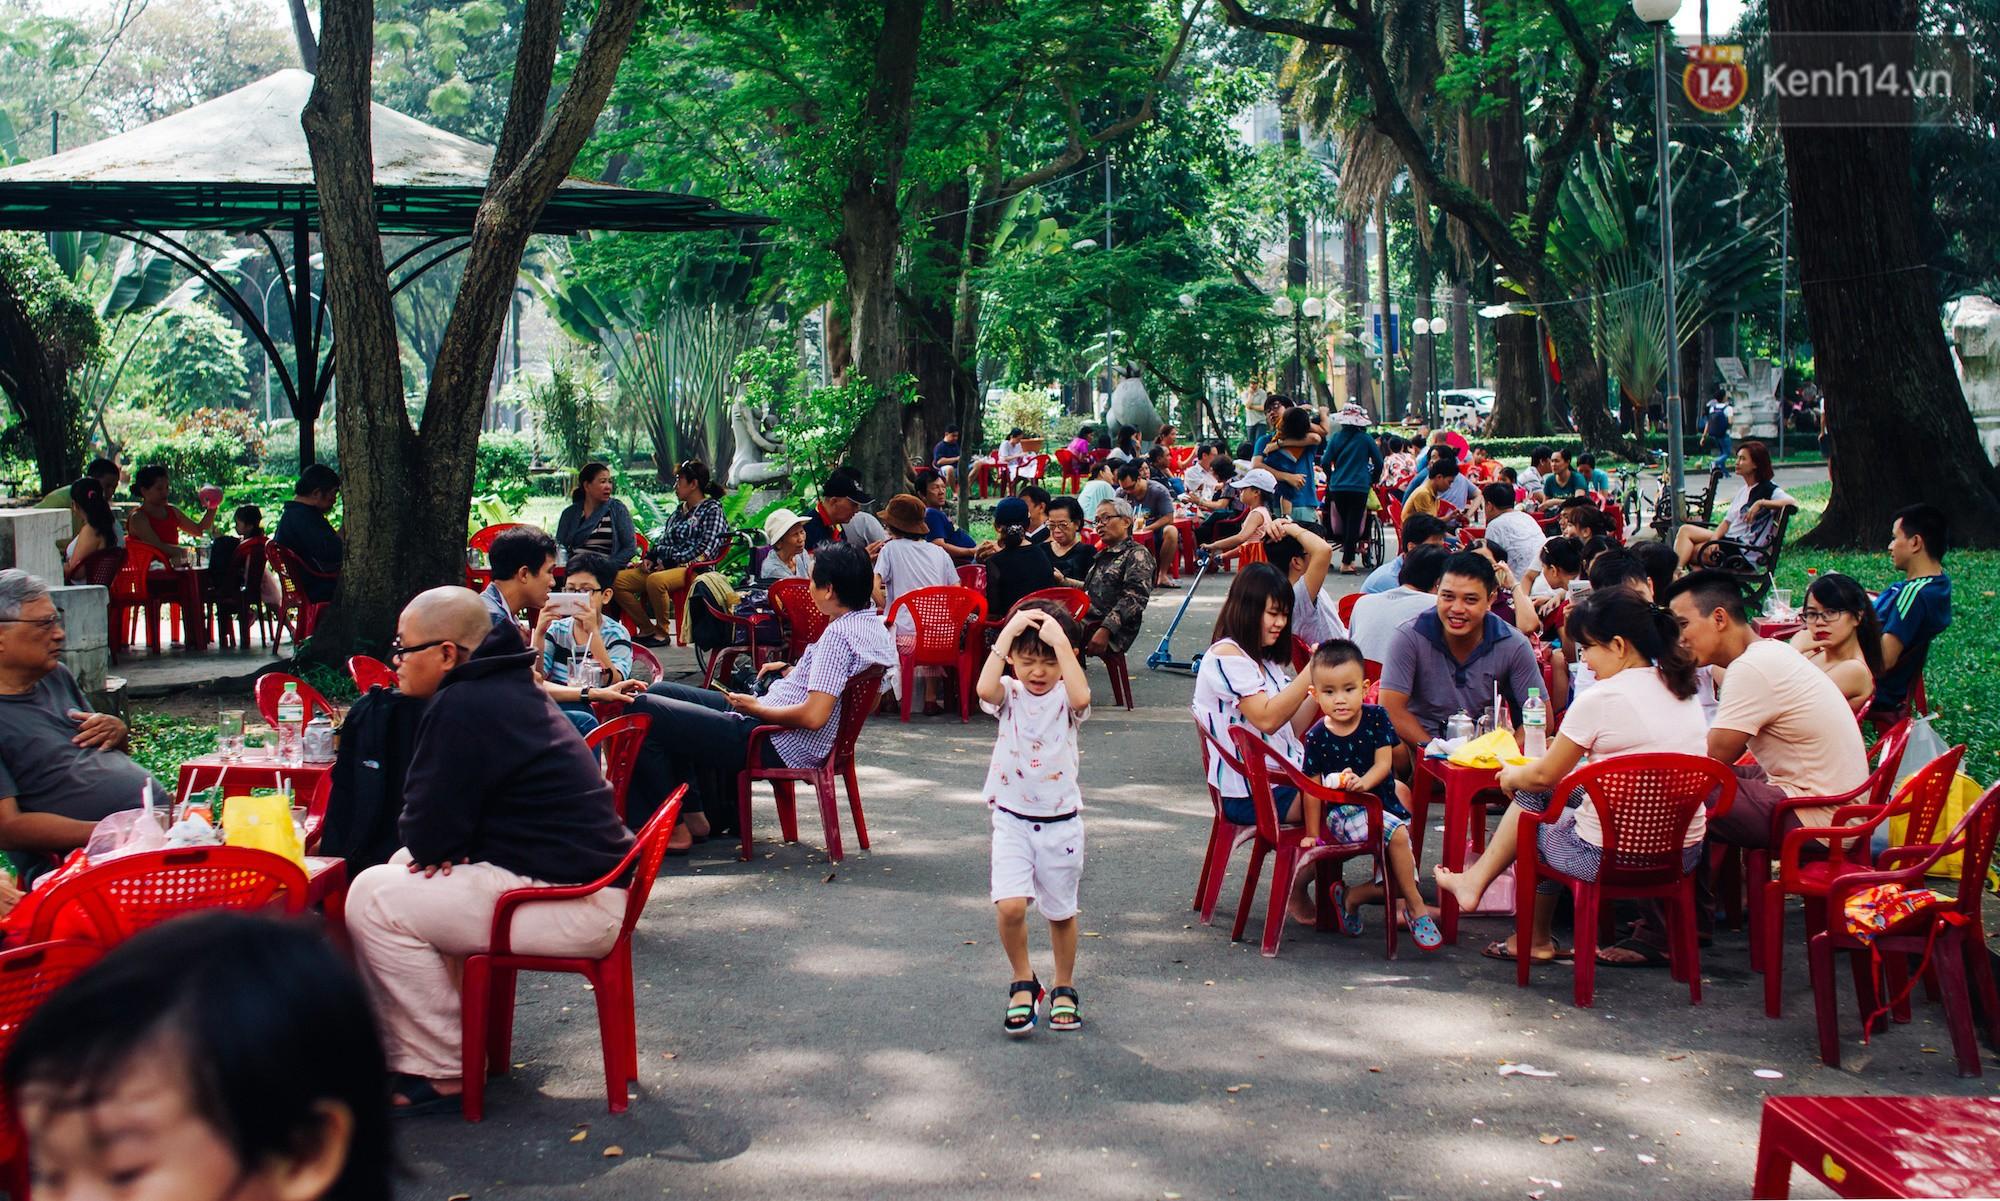 Chùm ảnh: Người Sài Gòn và thói quen uống cafe cóc từ lúc mặt trời chưa ló dạng cho đến chiều tà - Ảnh 14.